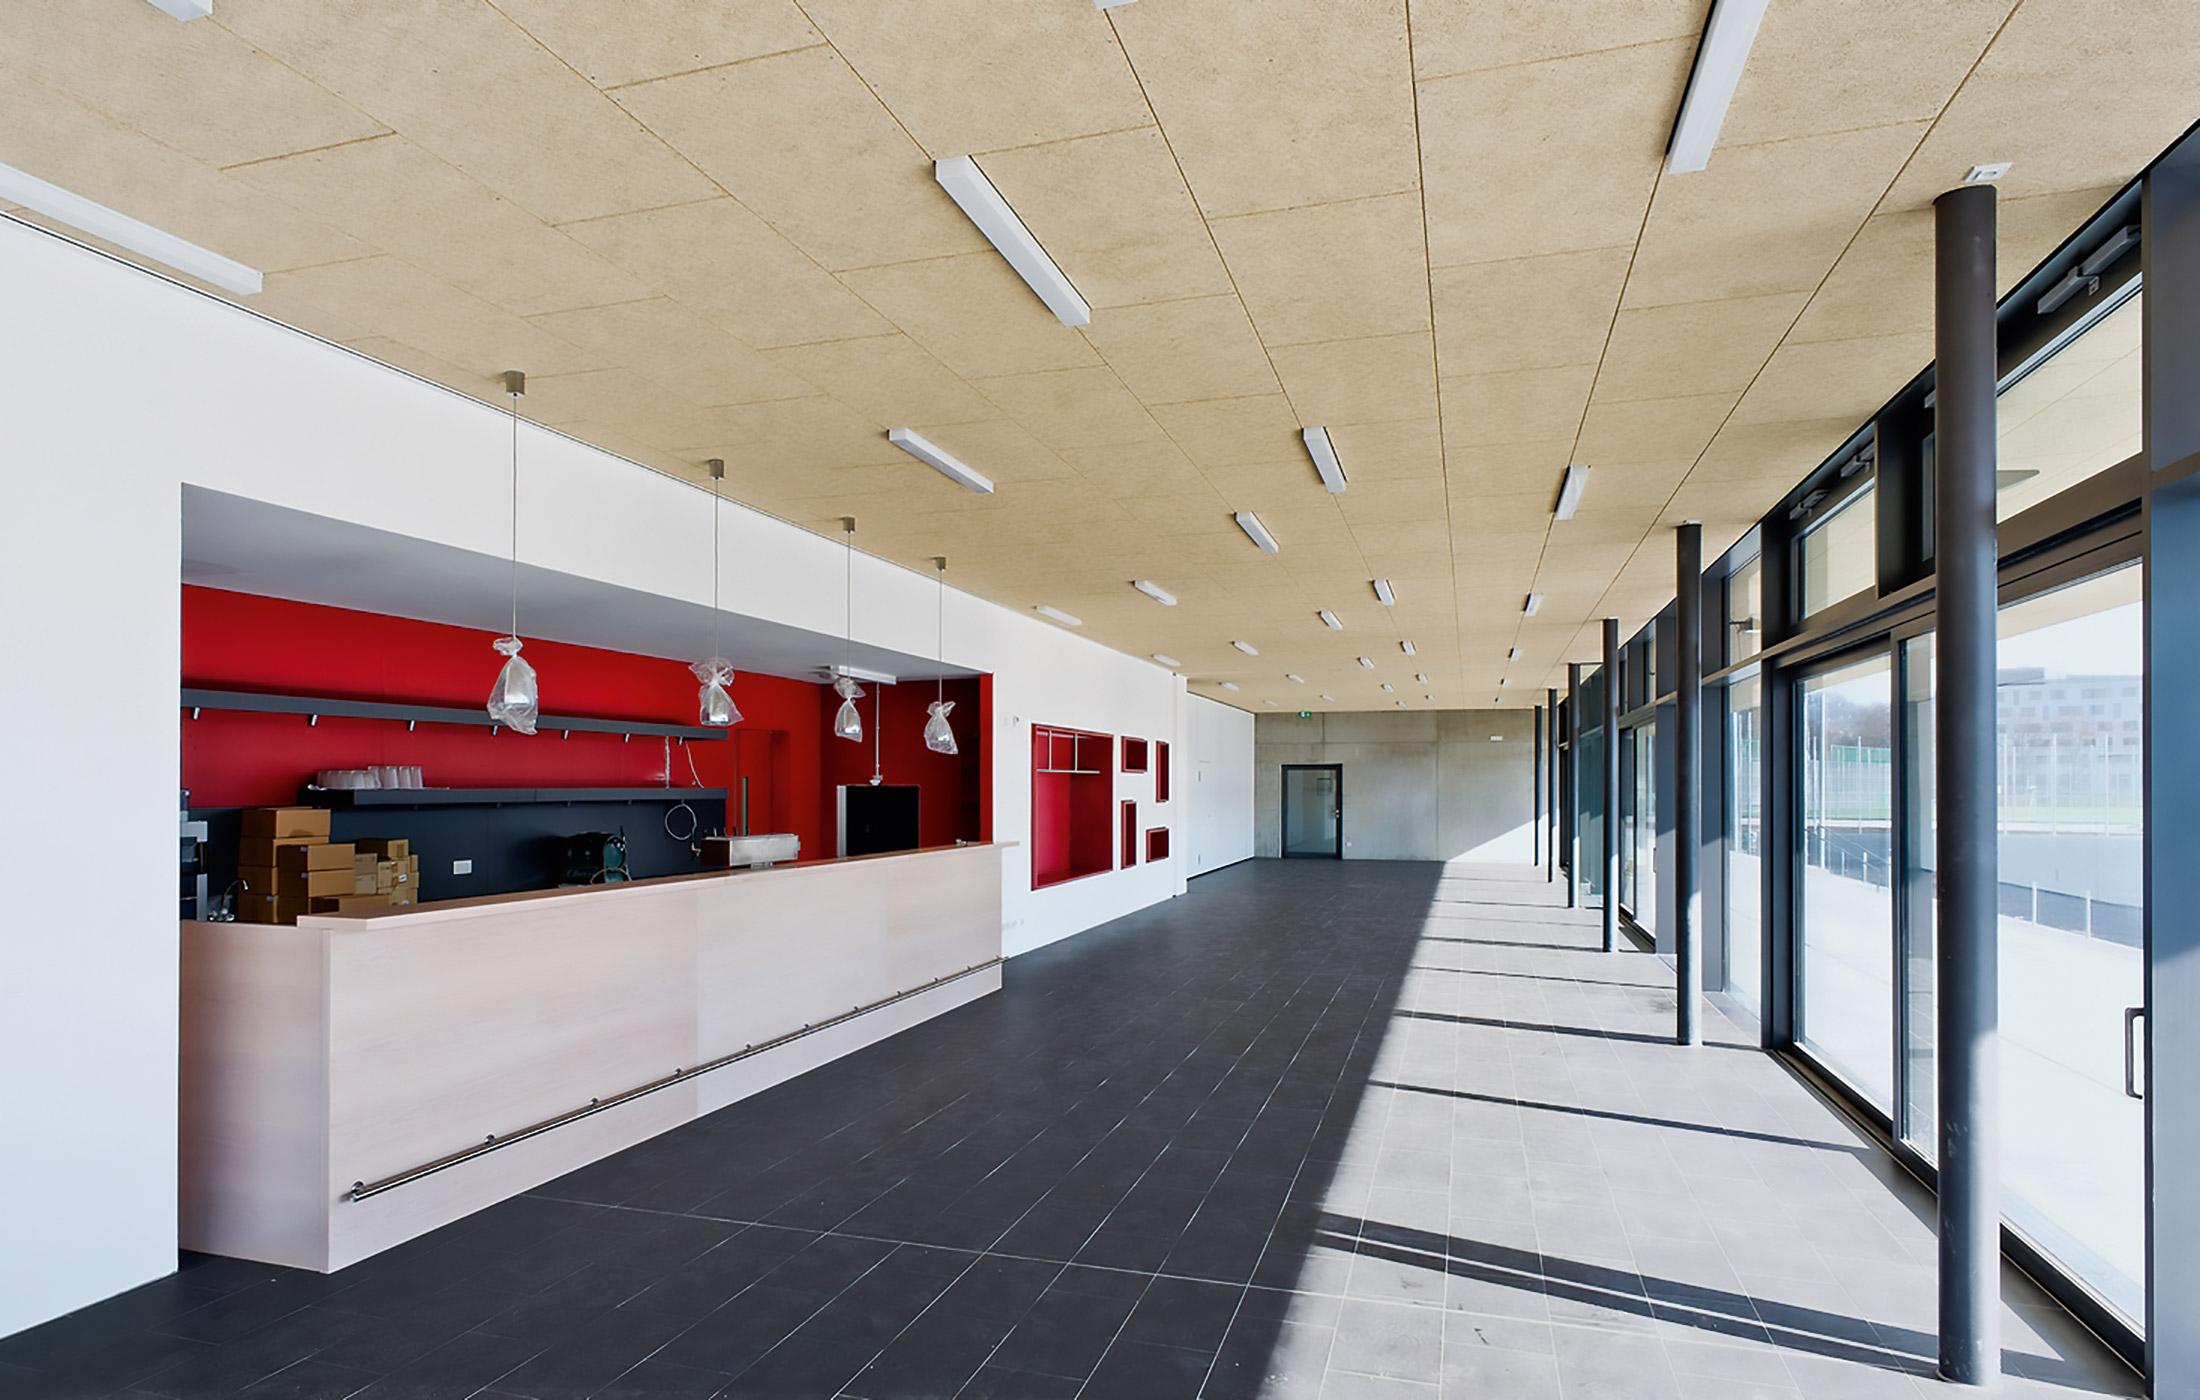 2012, Neubau Vereinsheim und Turnhalle ESV VfL Neckarpark